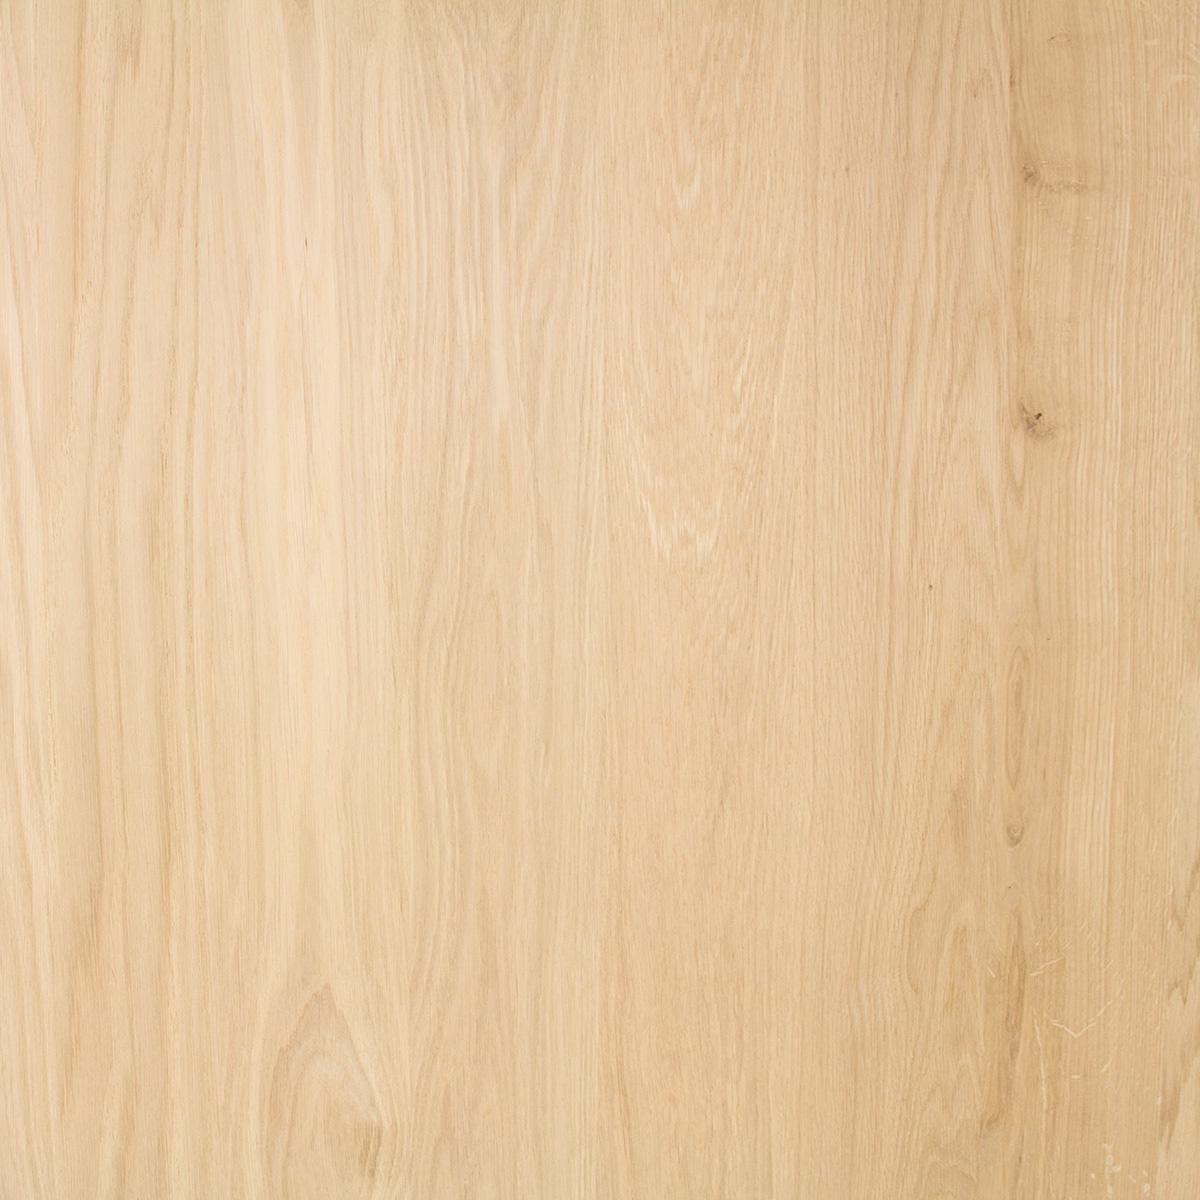 Eiken paneel - 4 cm dik (1-laag) - 122 cm breed - 140 - 300 cm lang in lengtestaffels van 20 cm - Foutvrij (A) eikenhout kd 8-12% - verlijmd - doorgaande lamellen